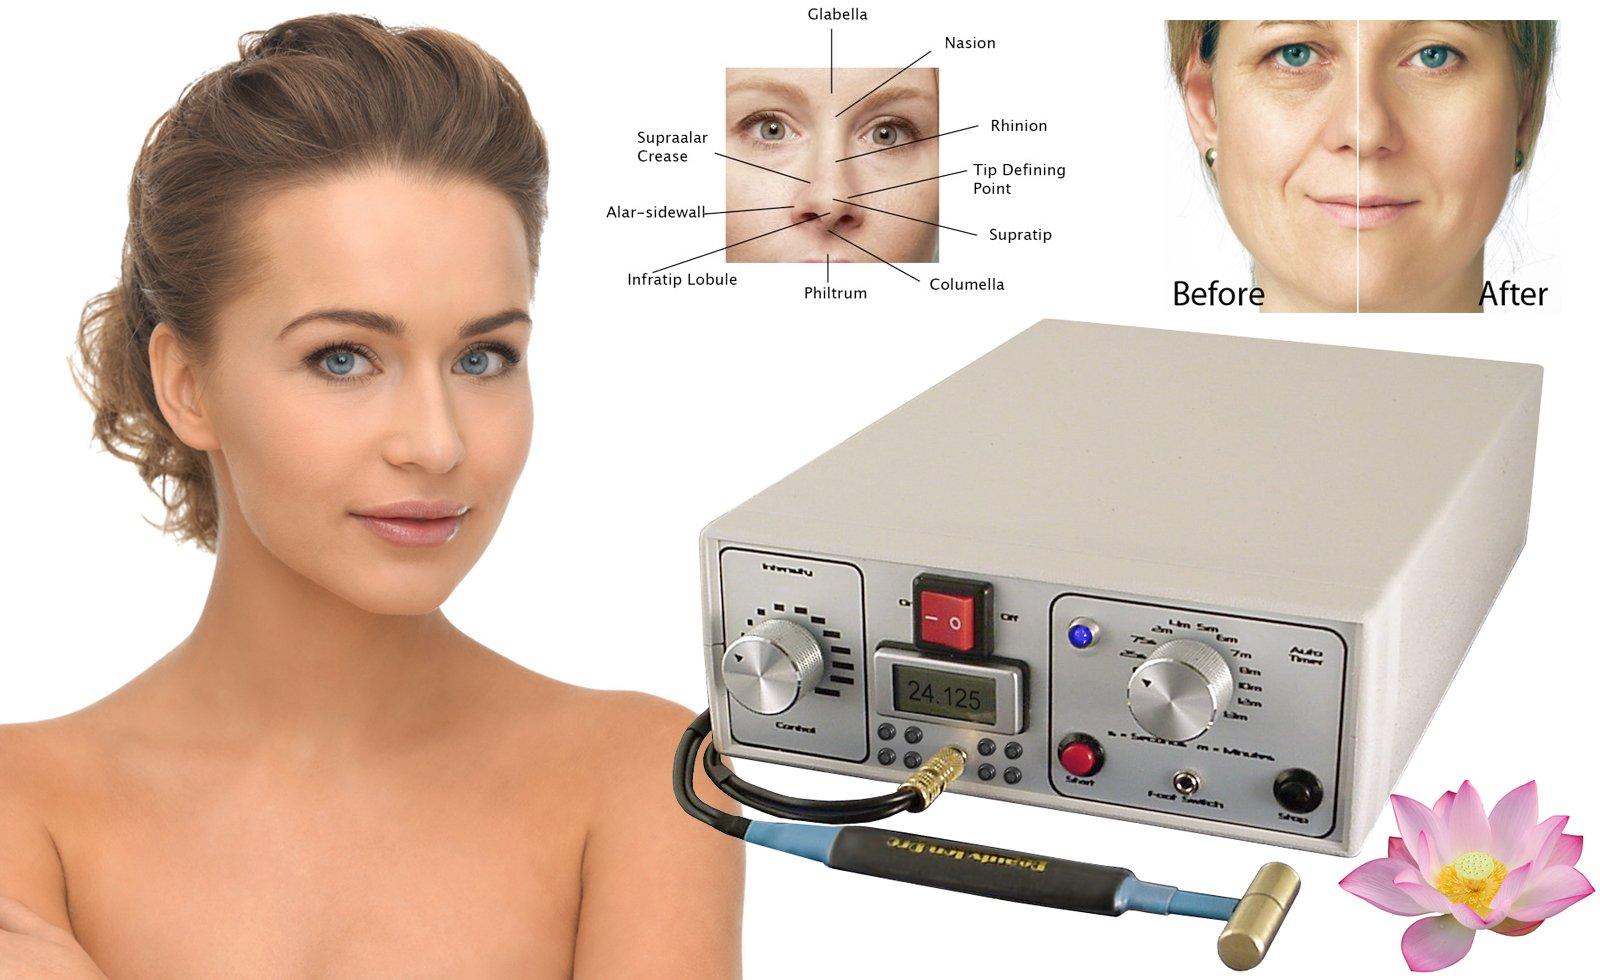 Belleza Ion Pro Deluxe Sistema Anti-Envejecimiento para el Cuidado de la Piel para Lifting, Levantamiento del Cuello, Tummy Tuck y Salón de Rejuvenecimiento y Medispa